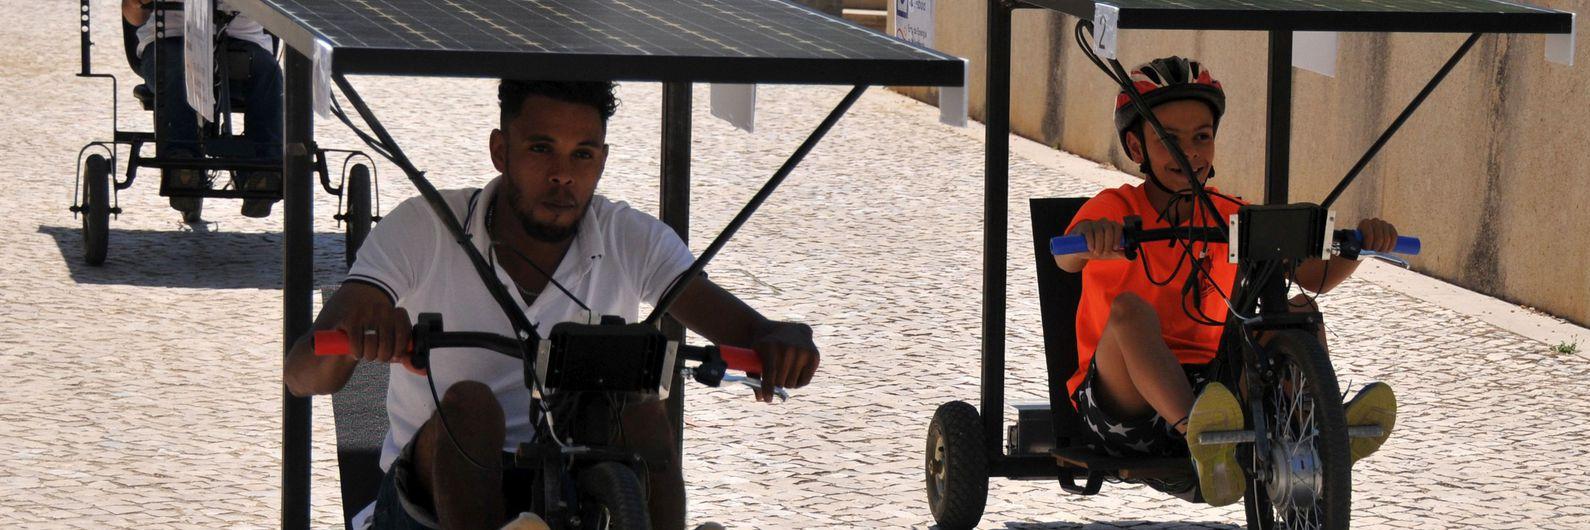 Carros solares voltam a acelerar na Faculdade de Ciências da Universidade de Lisboa